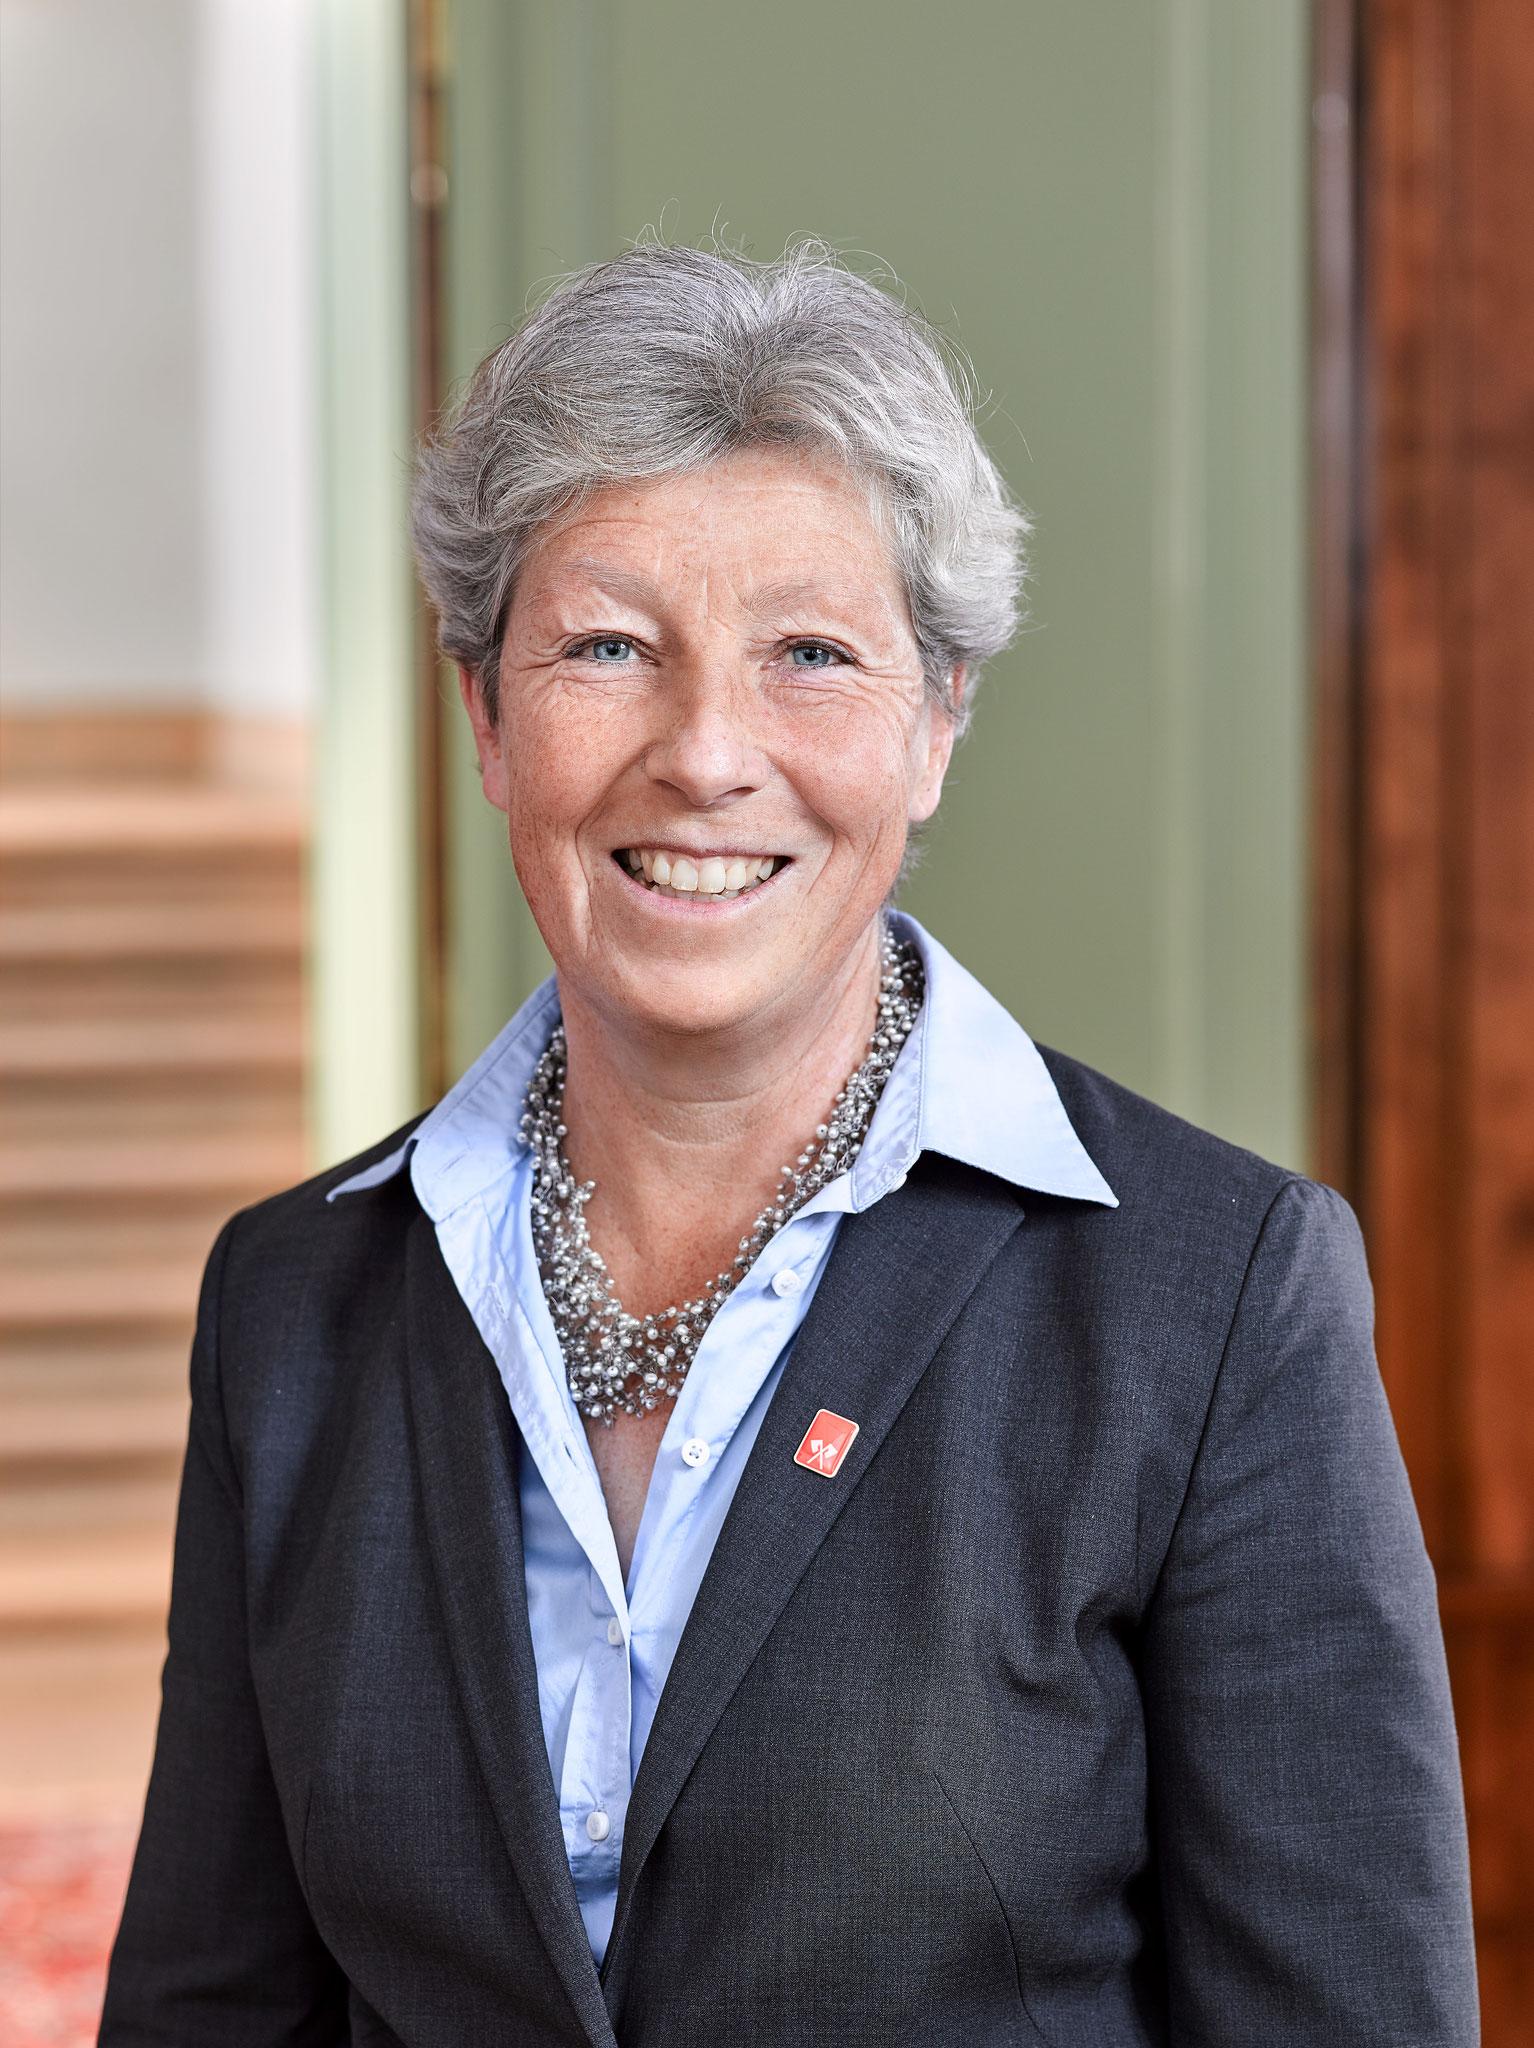 Barbara Schwickert, Conseillère municipale Bienne : les adolescentes et les jeunes femmes ont besoin de protection contre les violences psychiques, physique et sexuelles – c'est pourquoi je soutien l'Association MädchenHouse desFilles